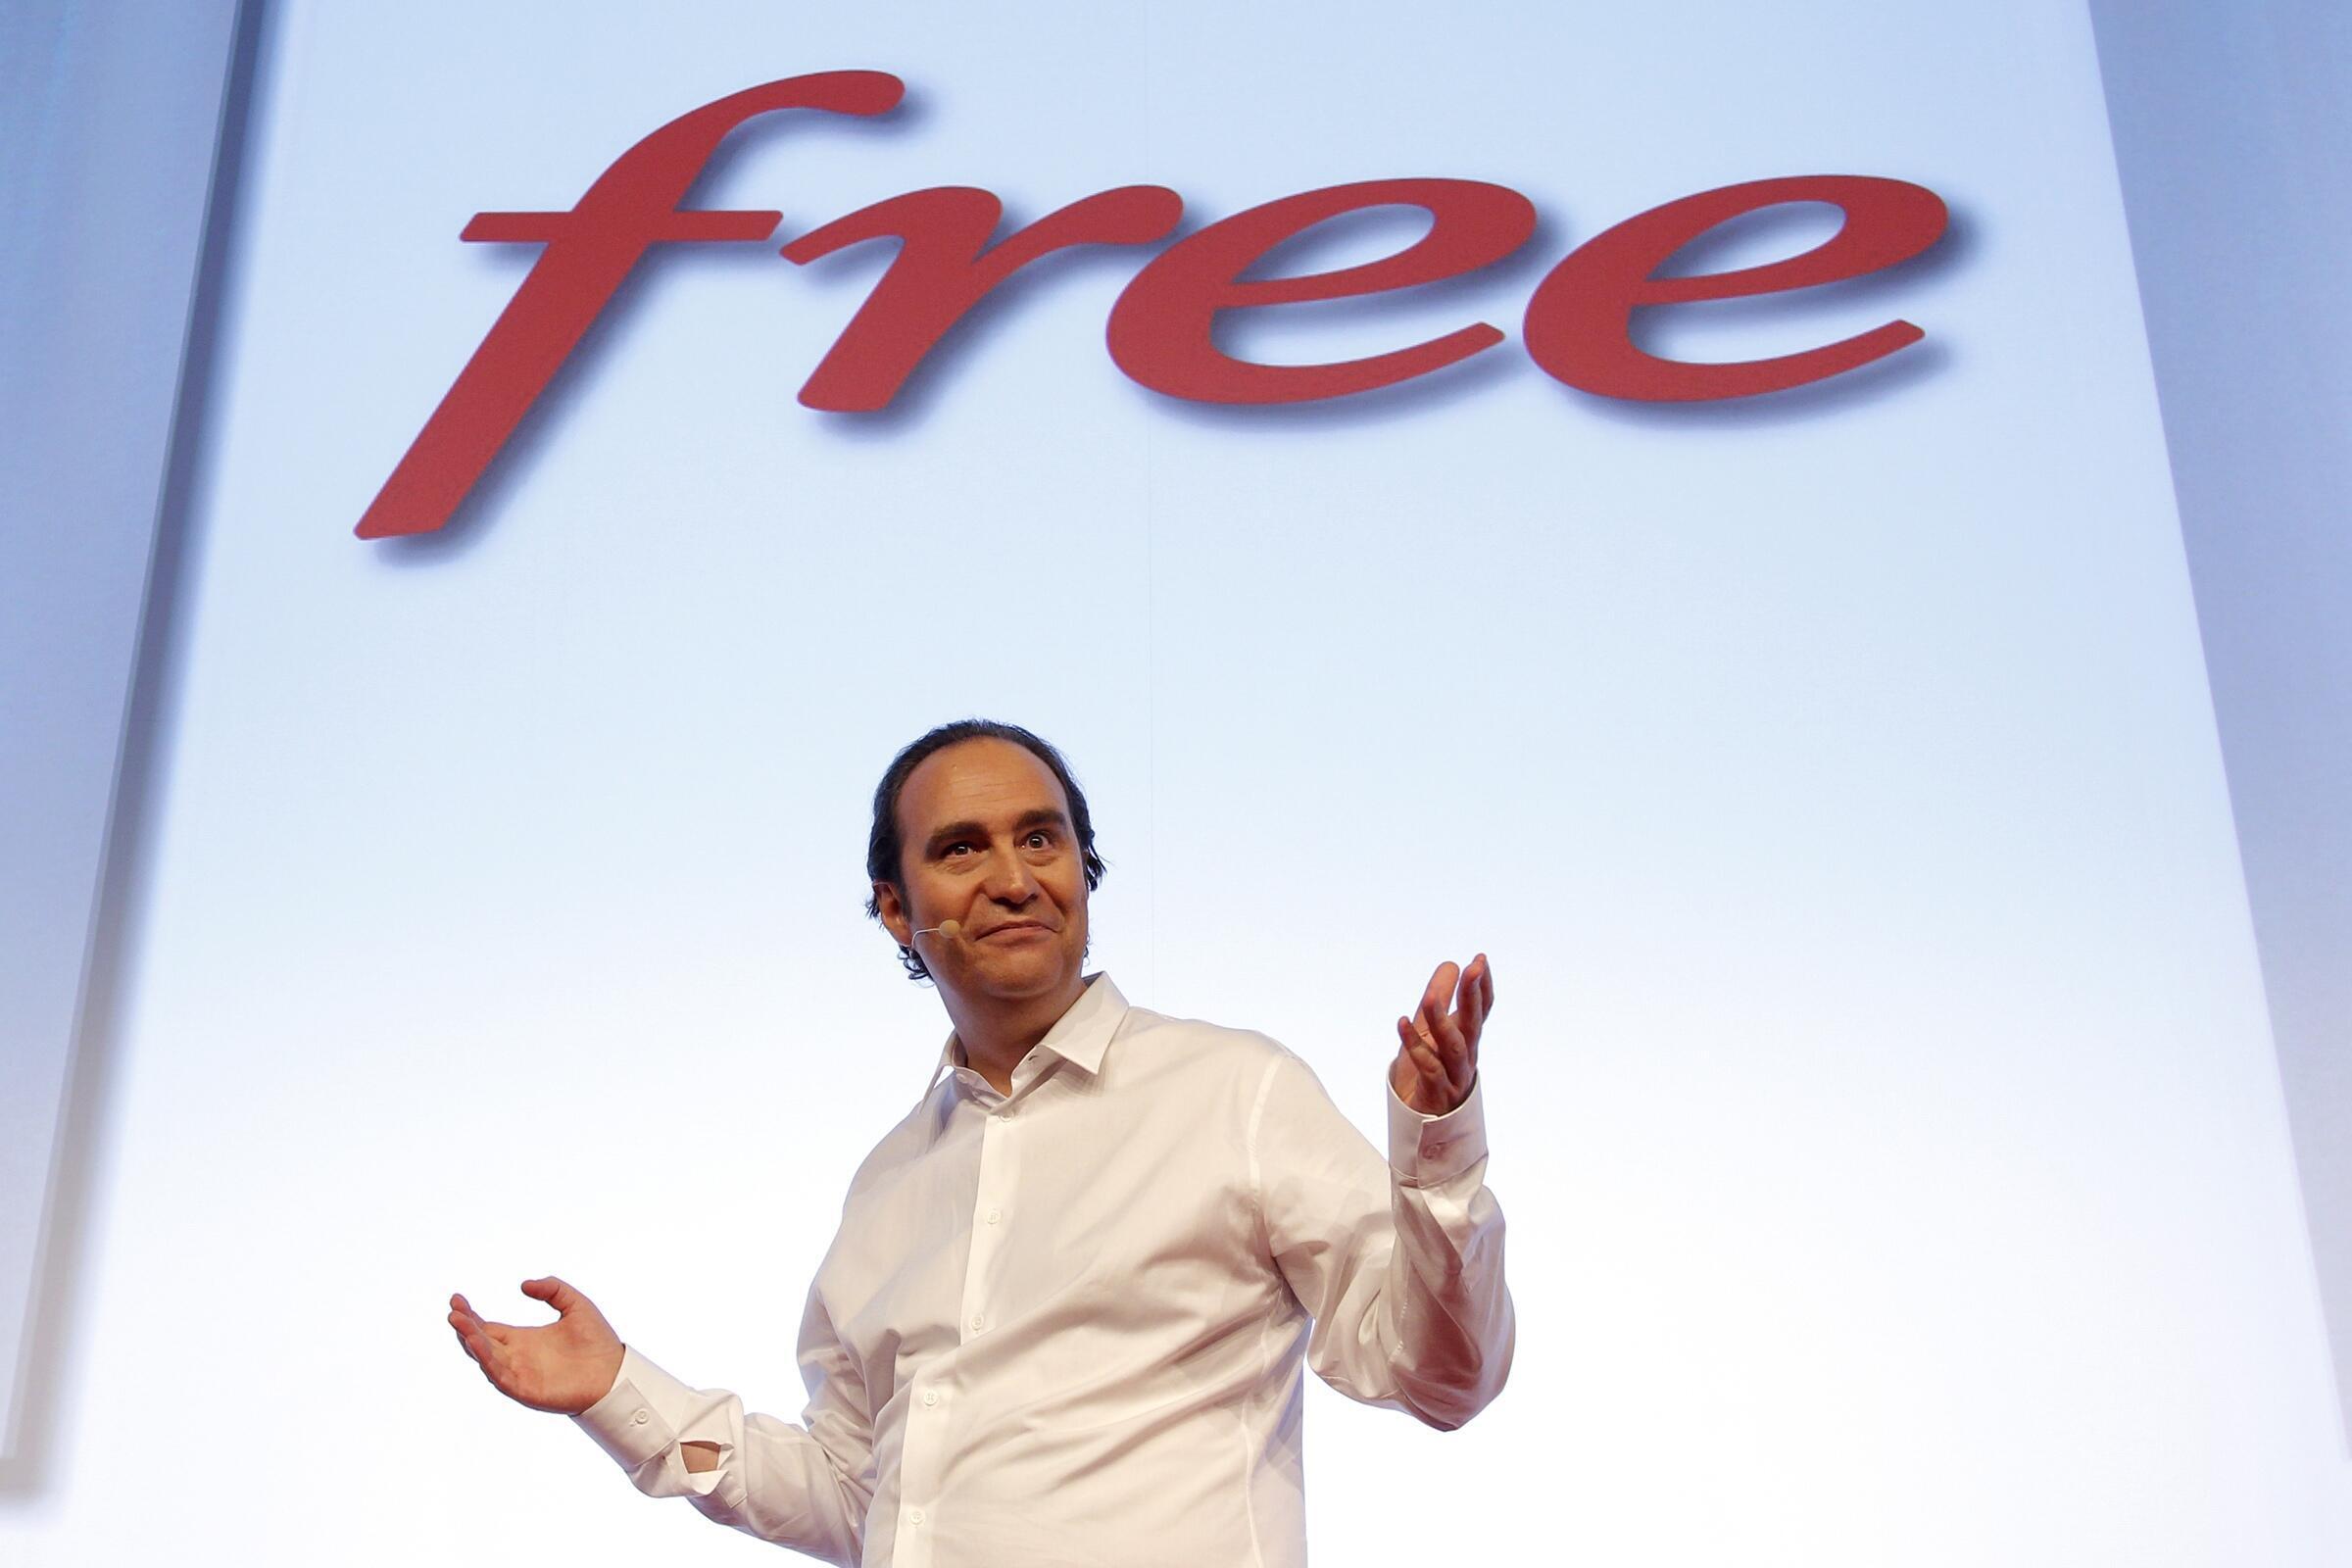 """在法國電信巨頭Free 的創始人澤維爾·尼爾 Xavier Niel 支持一個叫做""""Hectar""""的農業項目"""